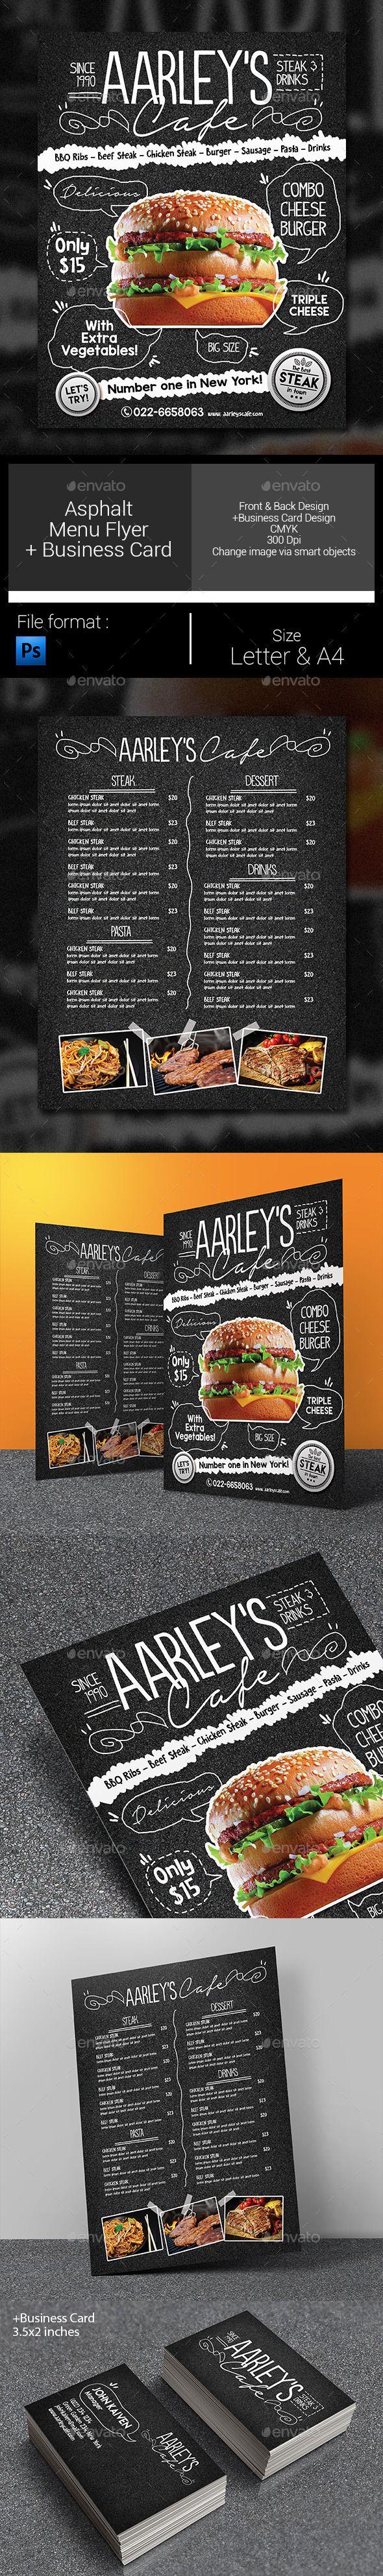 Asphalt Food Menu Flyer Template #design Download: http://graphicriver.net/item/asphalt-food-menu-flyer-template/11647570?ref=ksioks